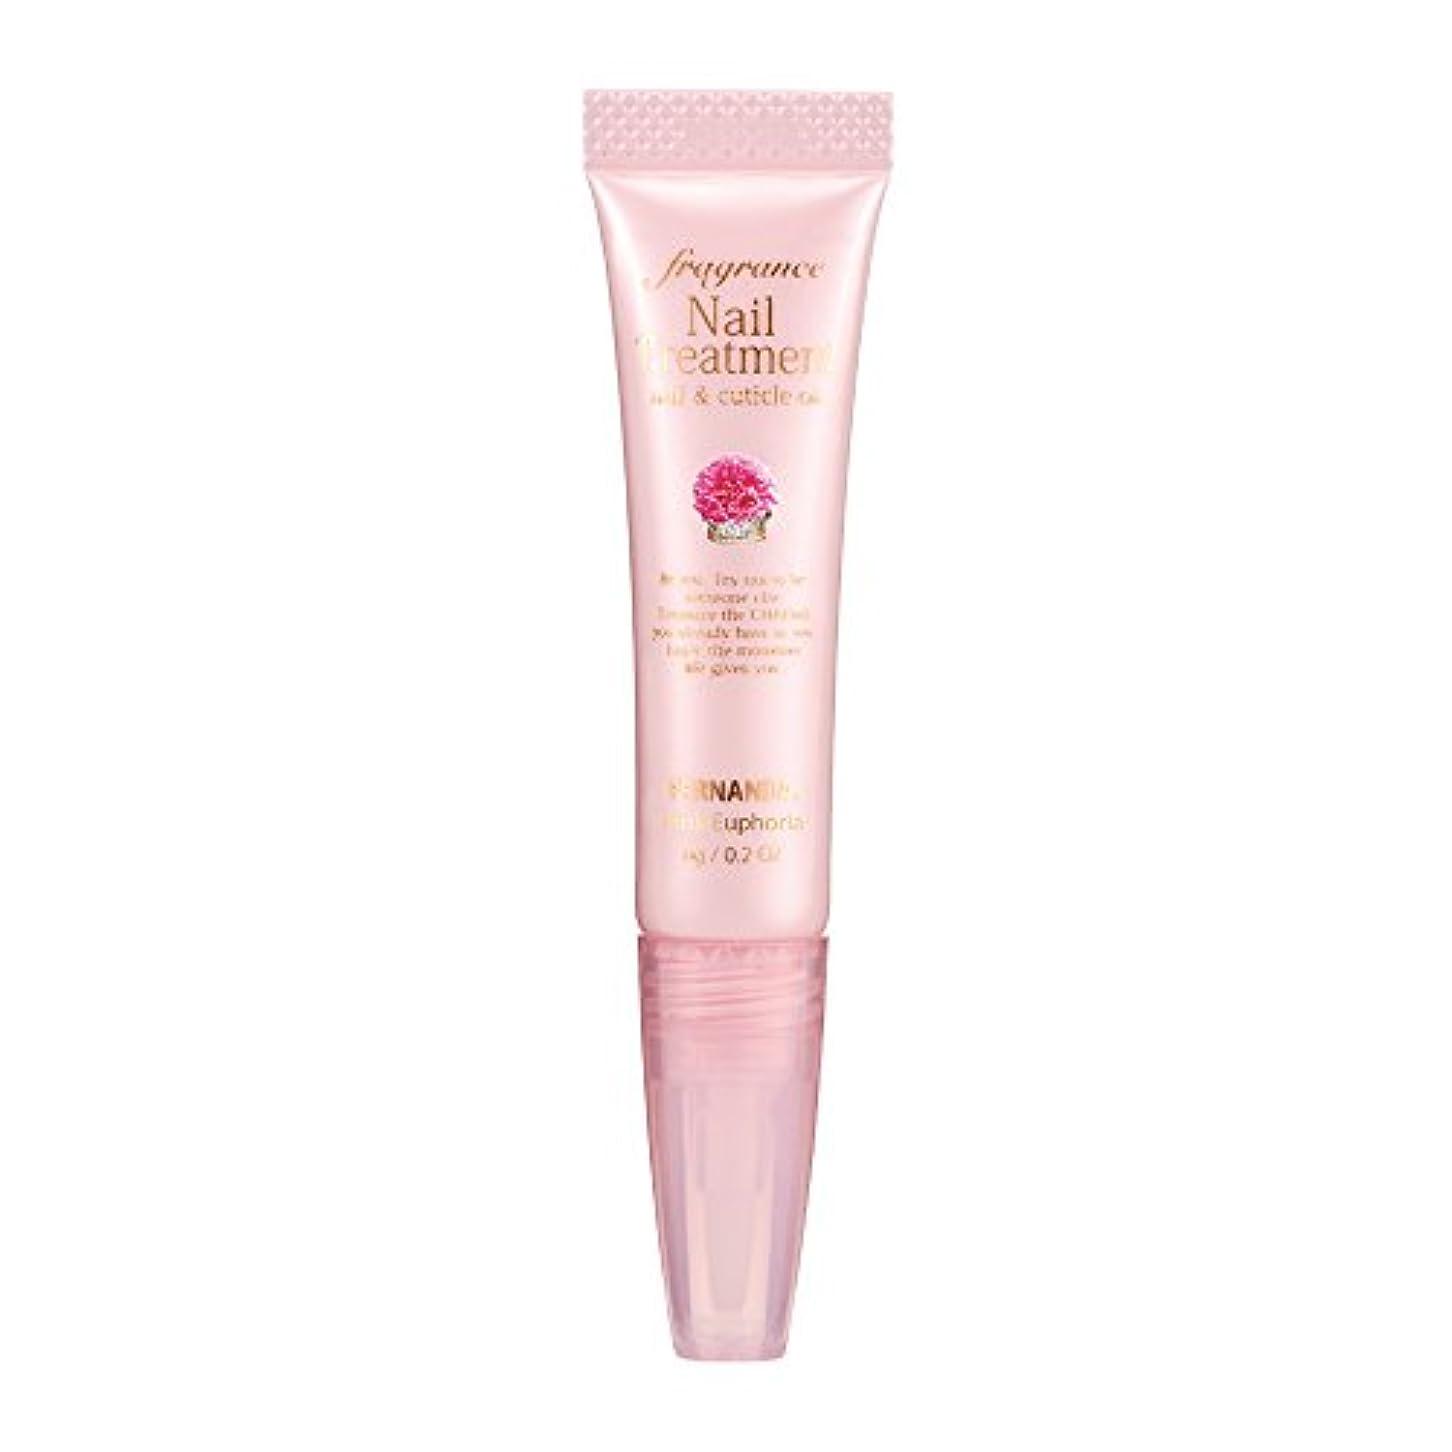 ジム神秘的な国籍FERNANDA(フェルナンダ) Fragrance Nail Treatment Pink Euphoria (ネイルトリートメント ピンクエウフォリア)